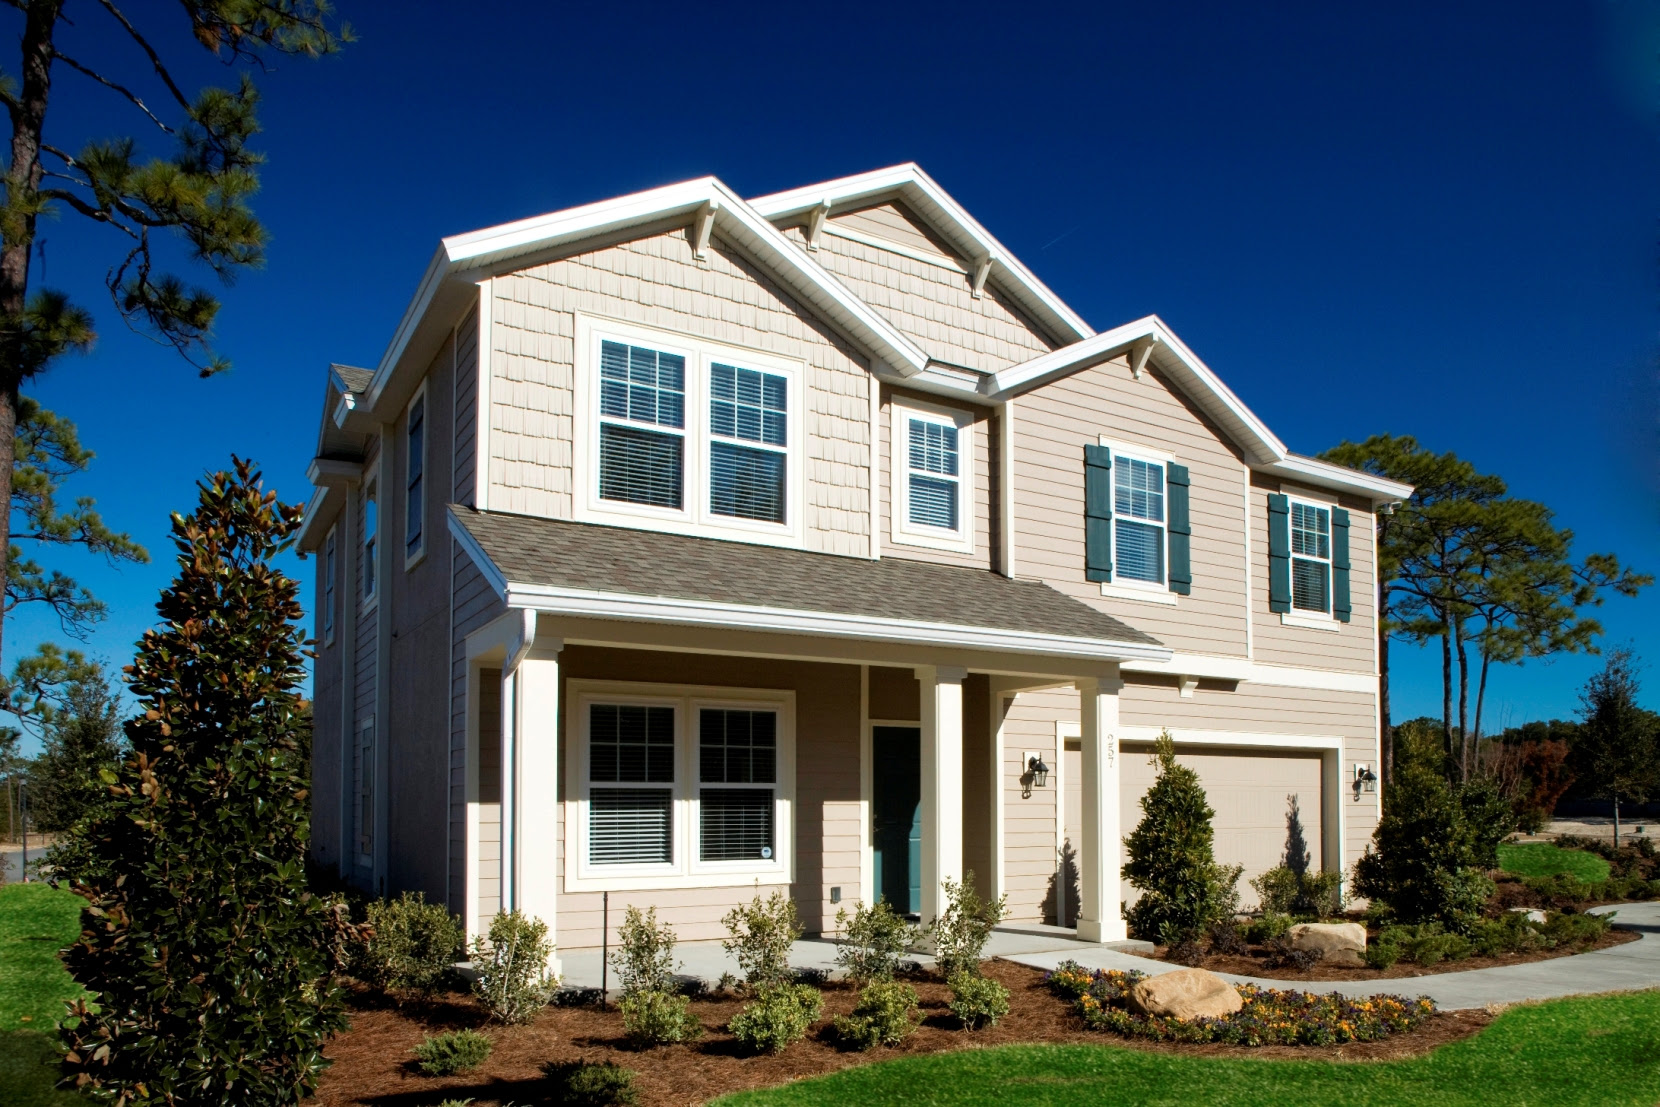 The Clover Model Home at Cedar Bay